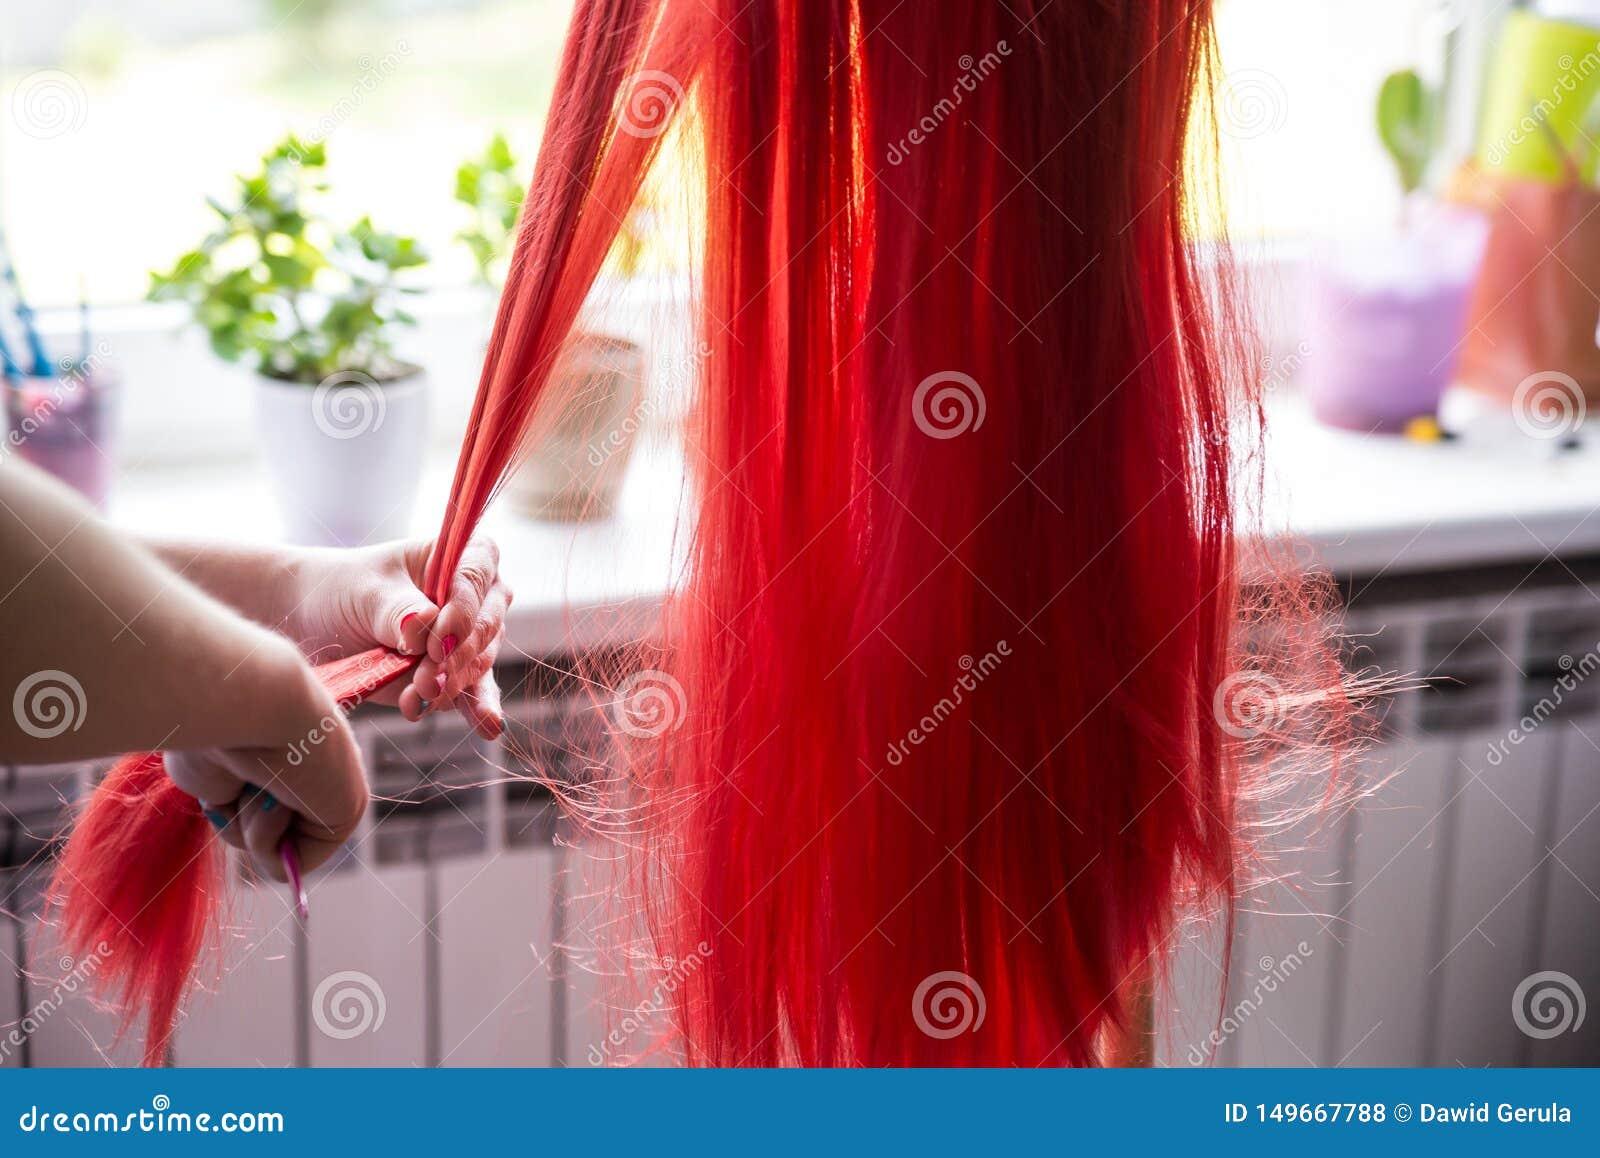 De handen die van de vrouw tactvol rood haar, slordige pruik op de tribune kammen